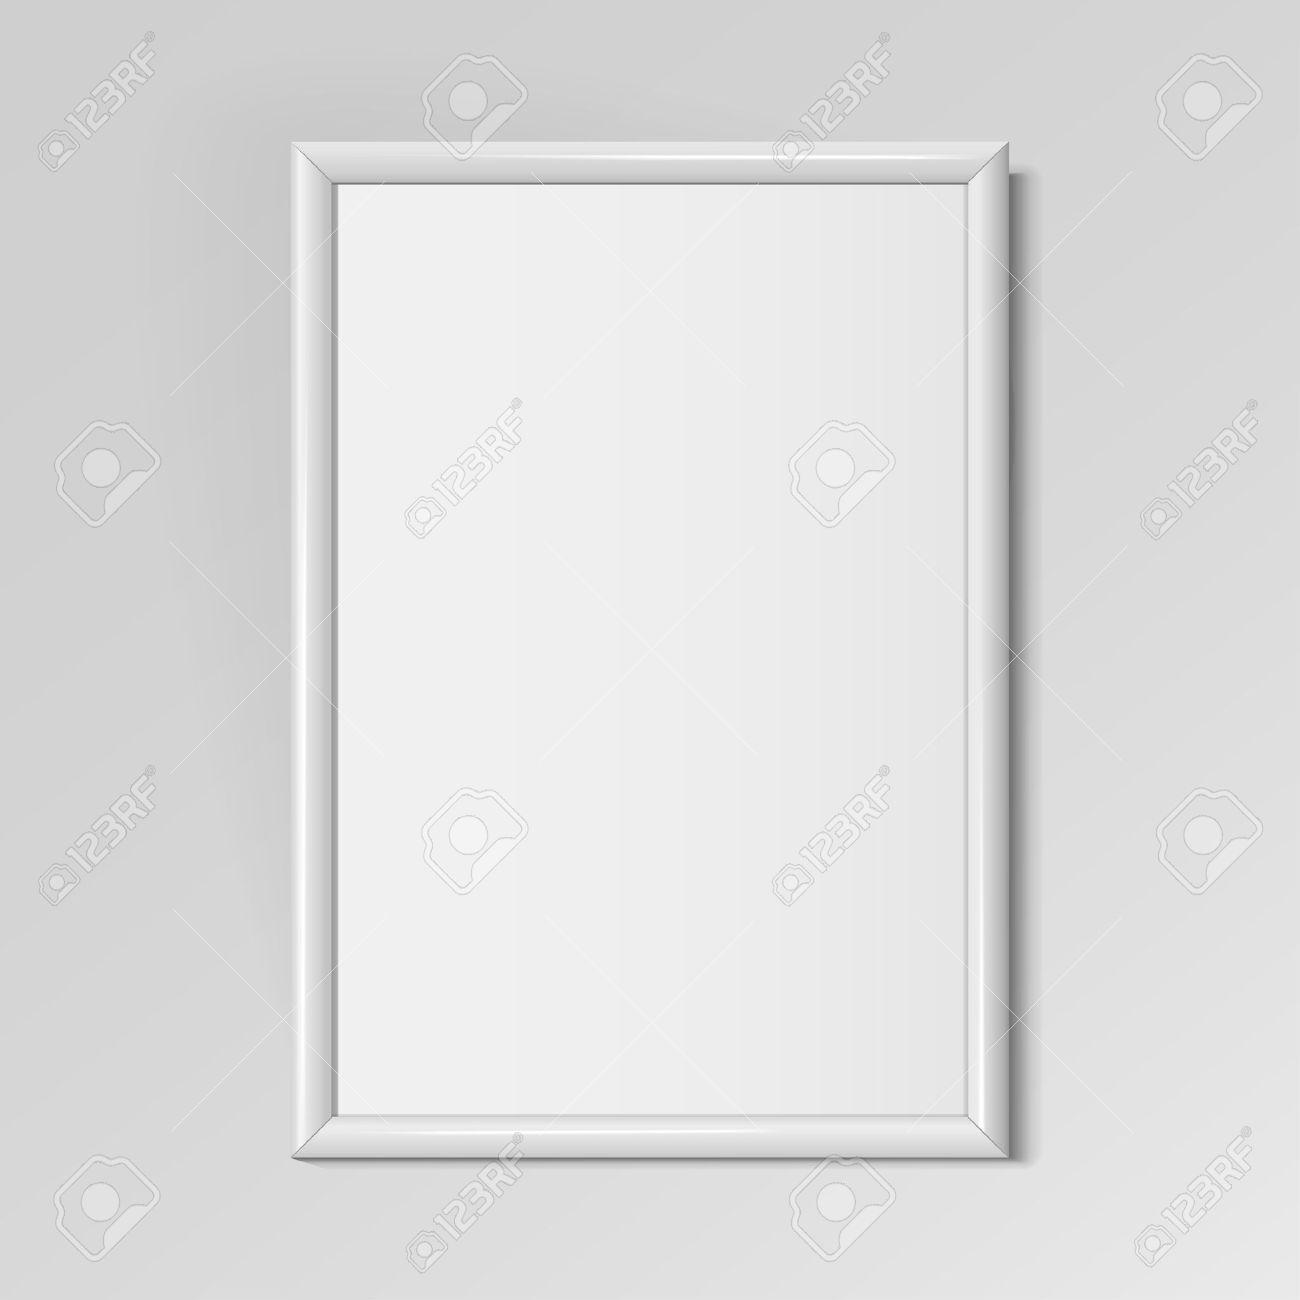 Realistische Weiße Vertikale Rahmen Für Bilder Oder Fotografien An ...